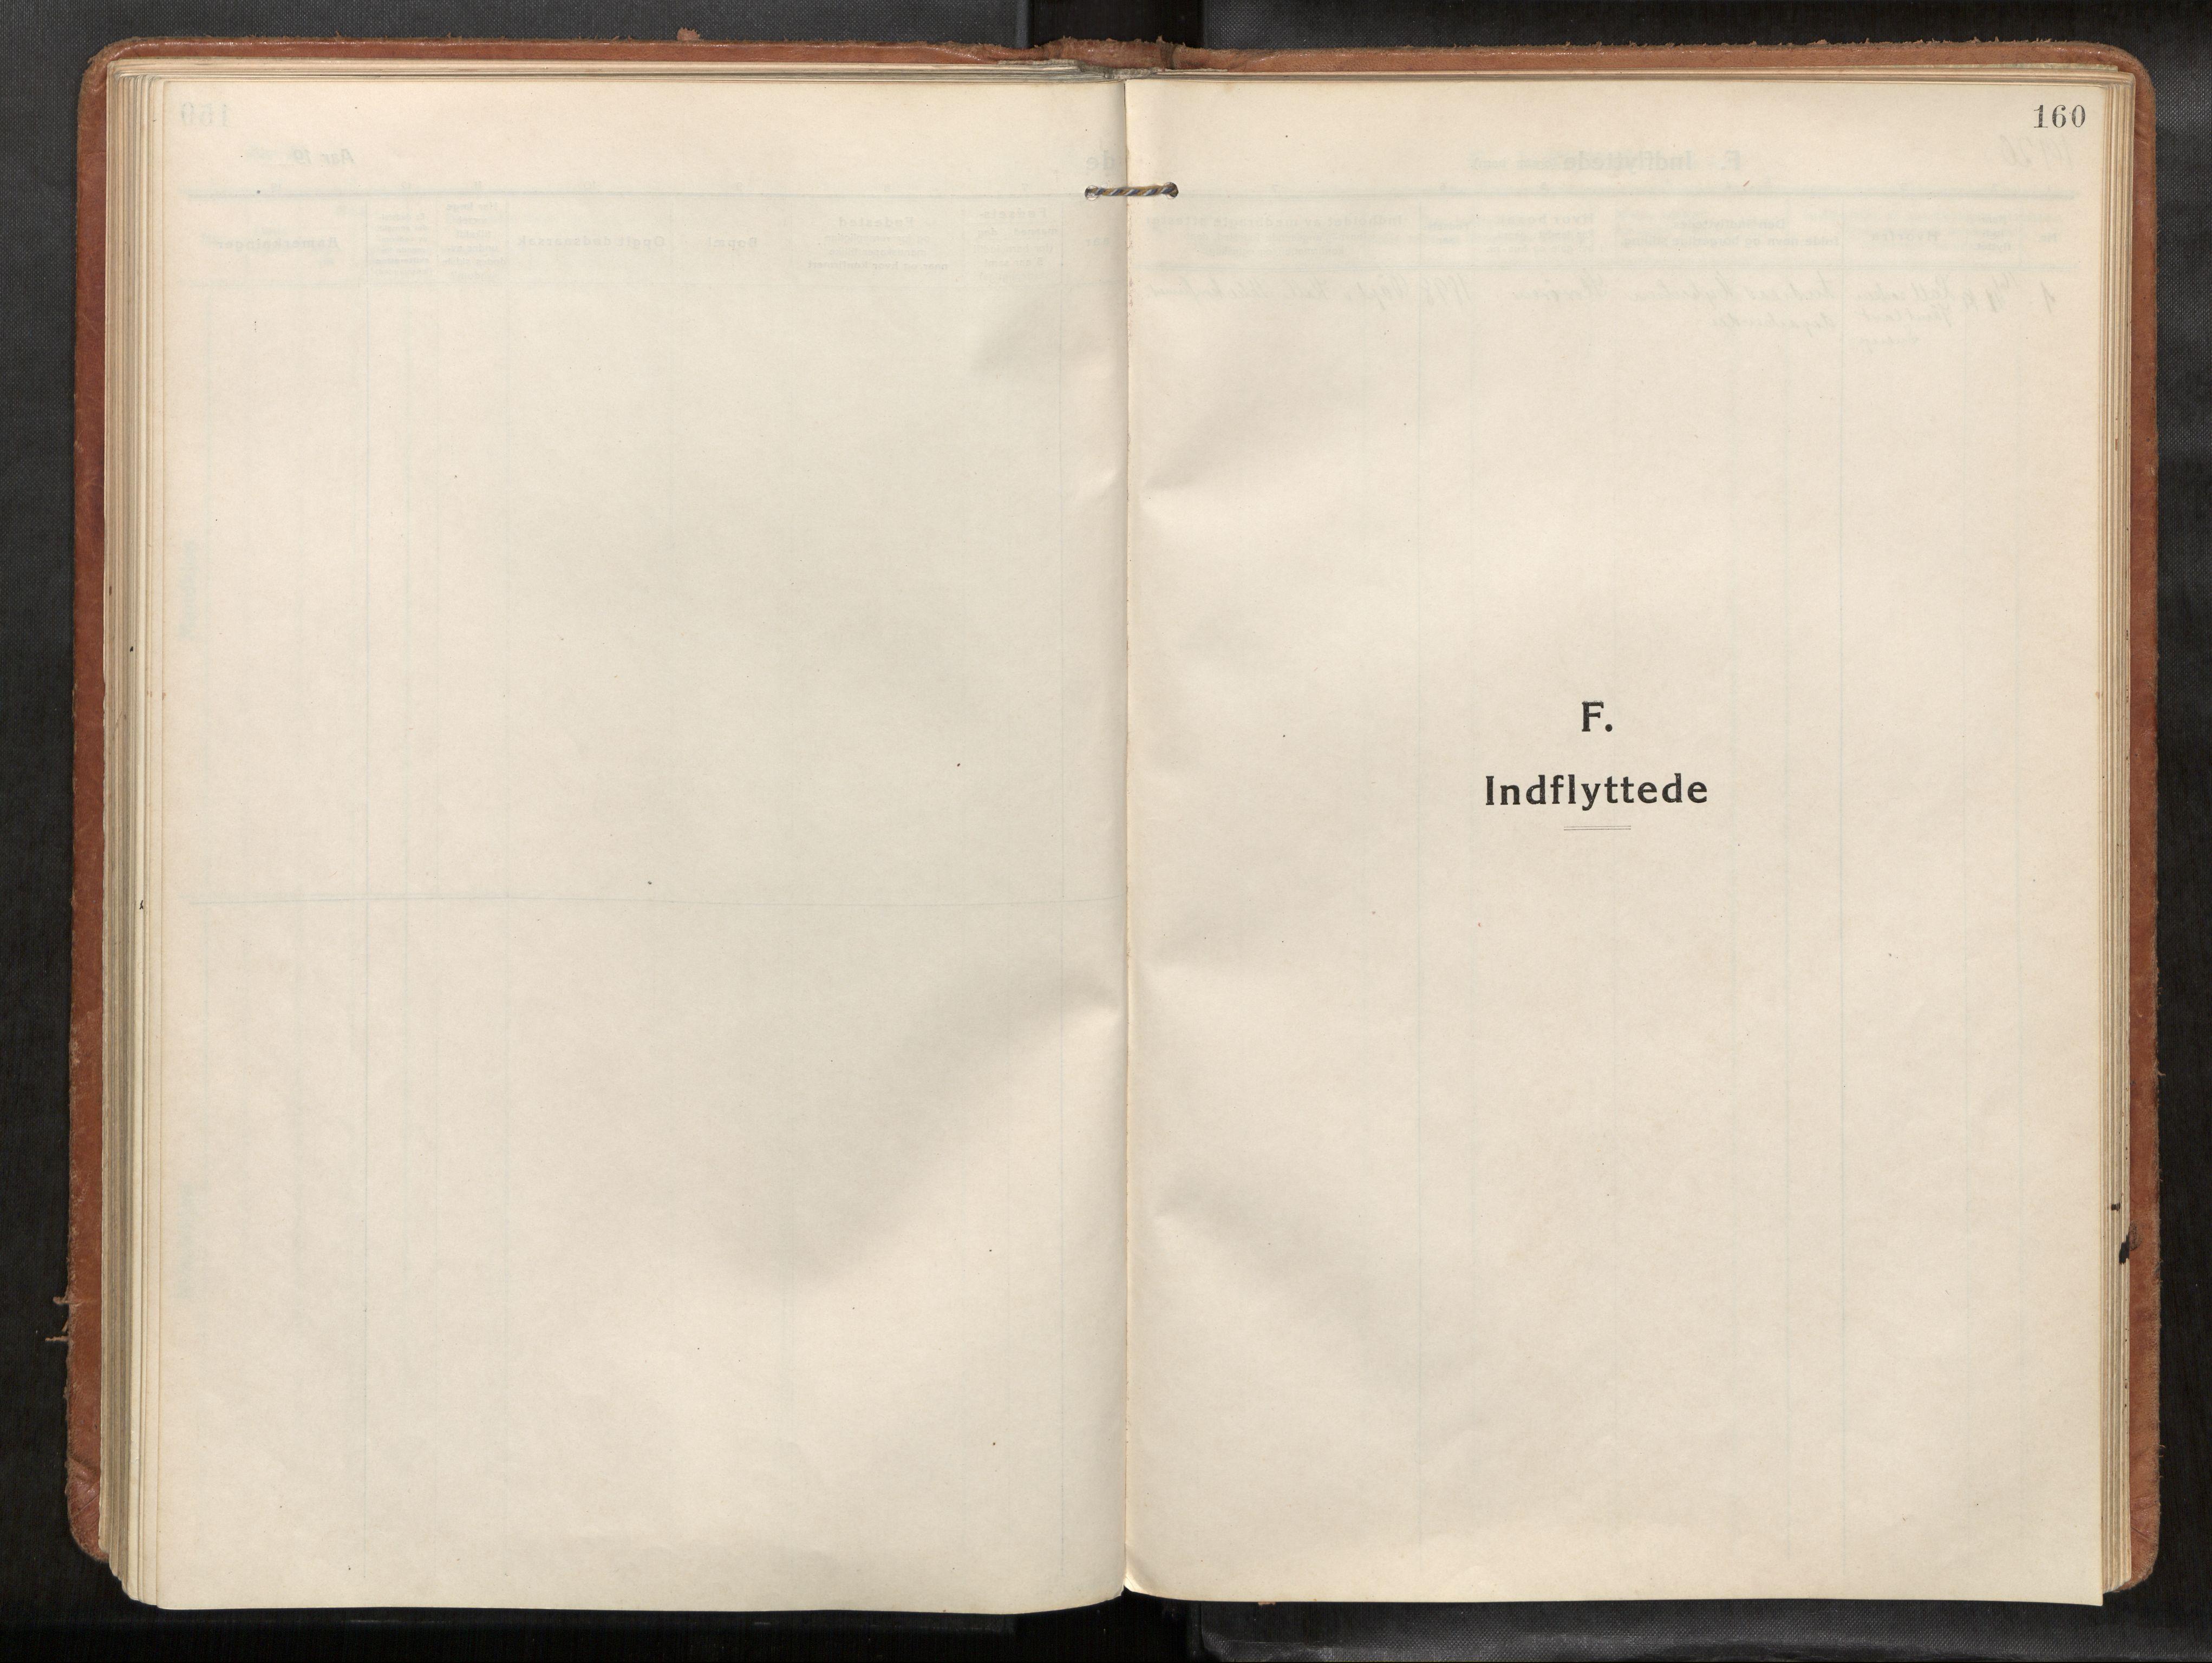 SAT, Verdal sokneprestkontor*, Ministerialbok nr. 1, 1916-1928, s. 160